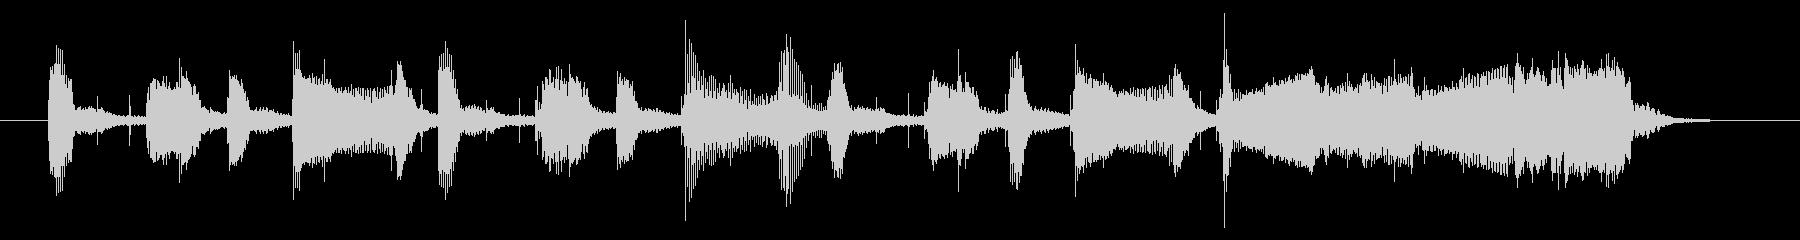 サックスによるジャジーなジングル 10秒の未再生の波形